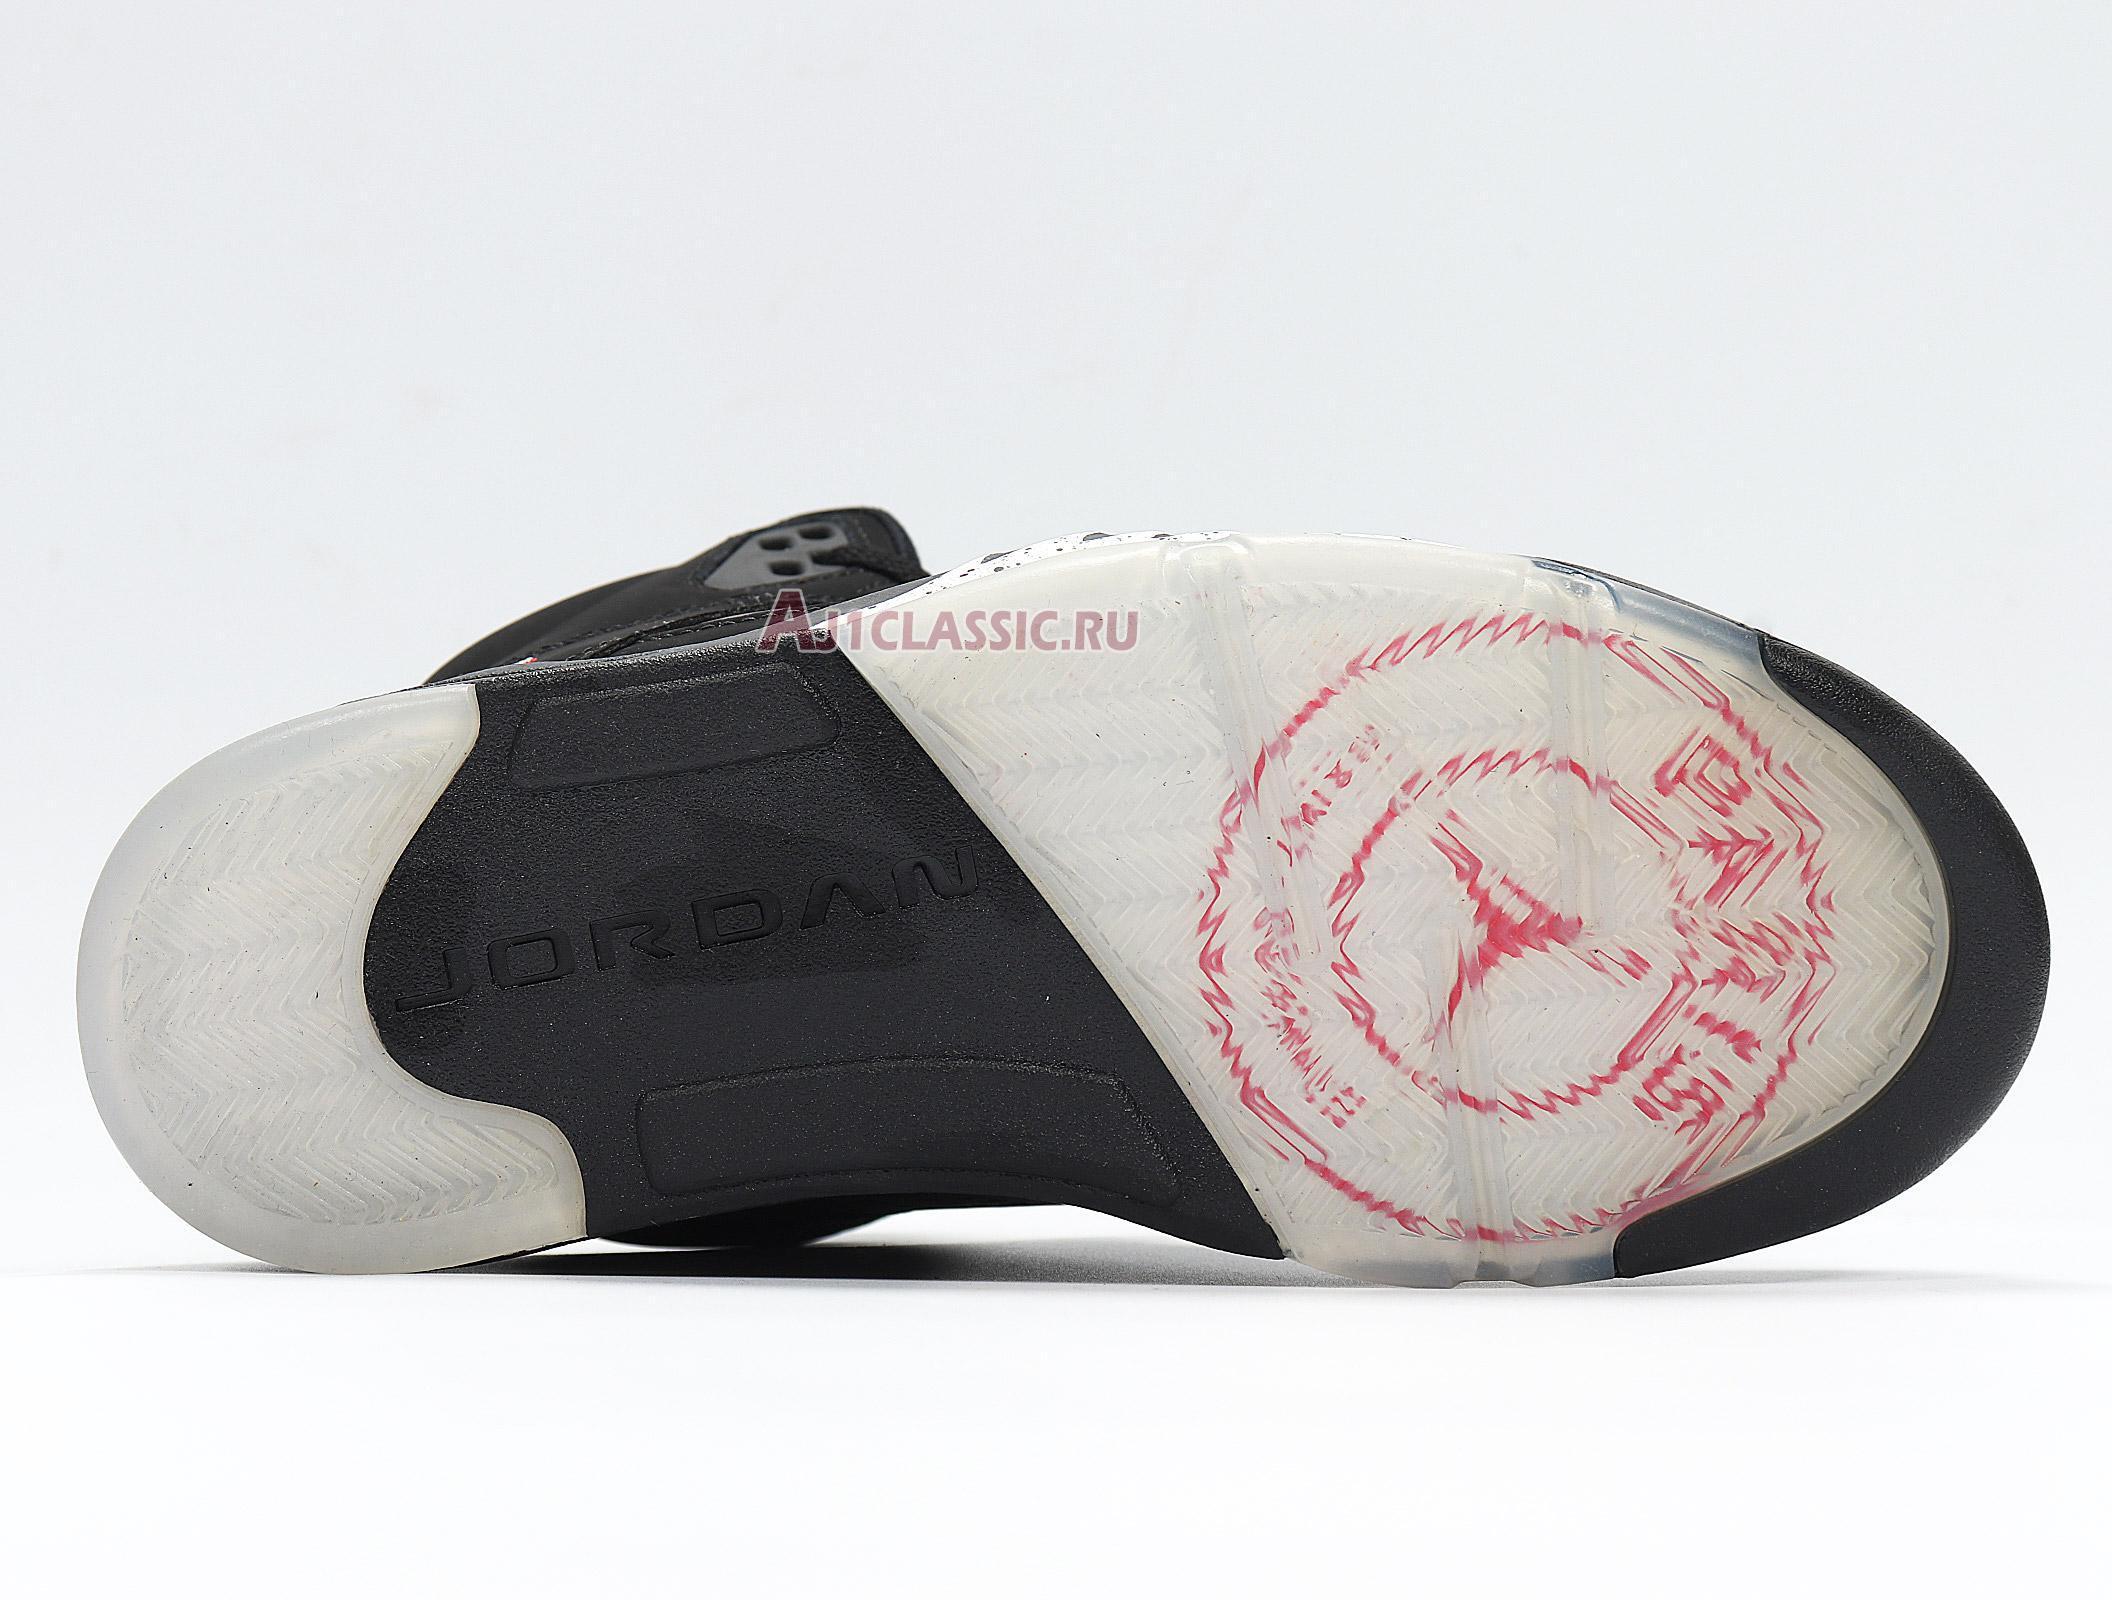 """Paris Saint-Germain x Air Jordan 5 Retro """"Paris Saint-Germain"""" AV9175-001"""